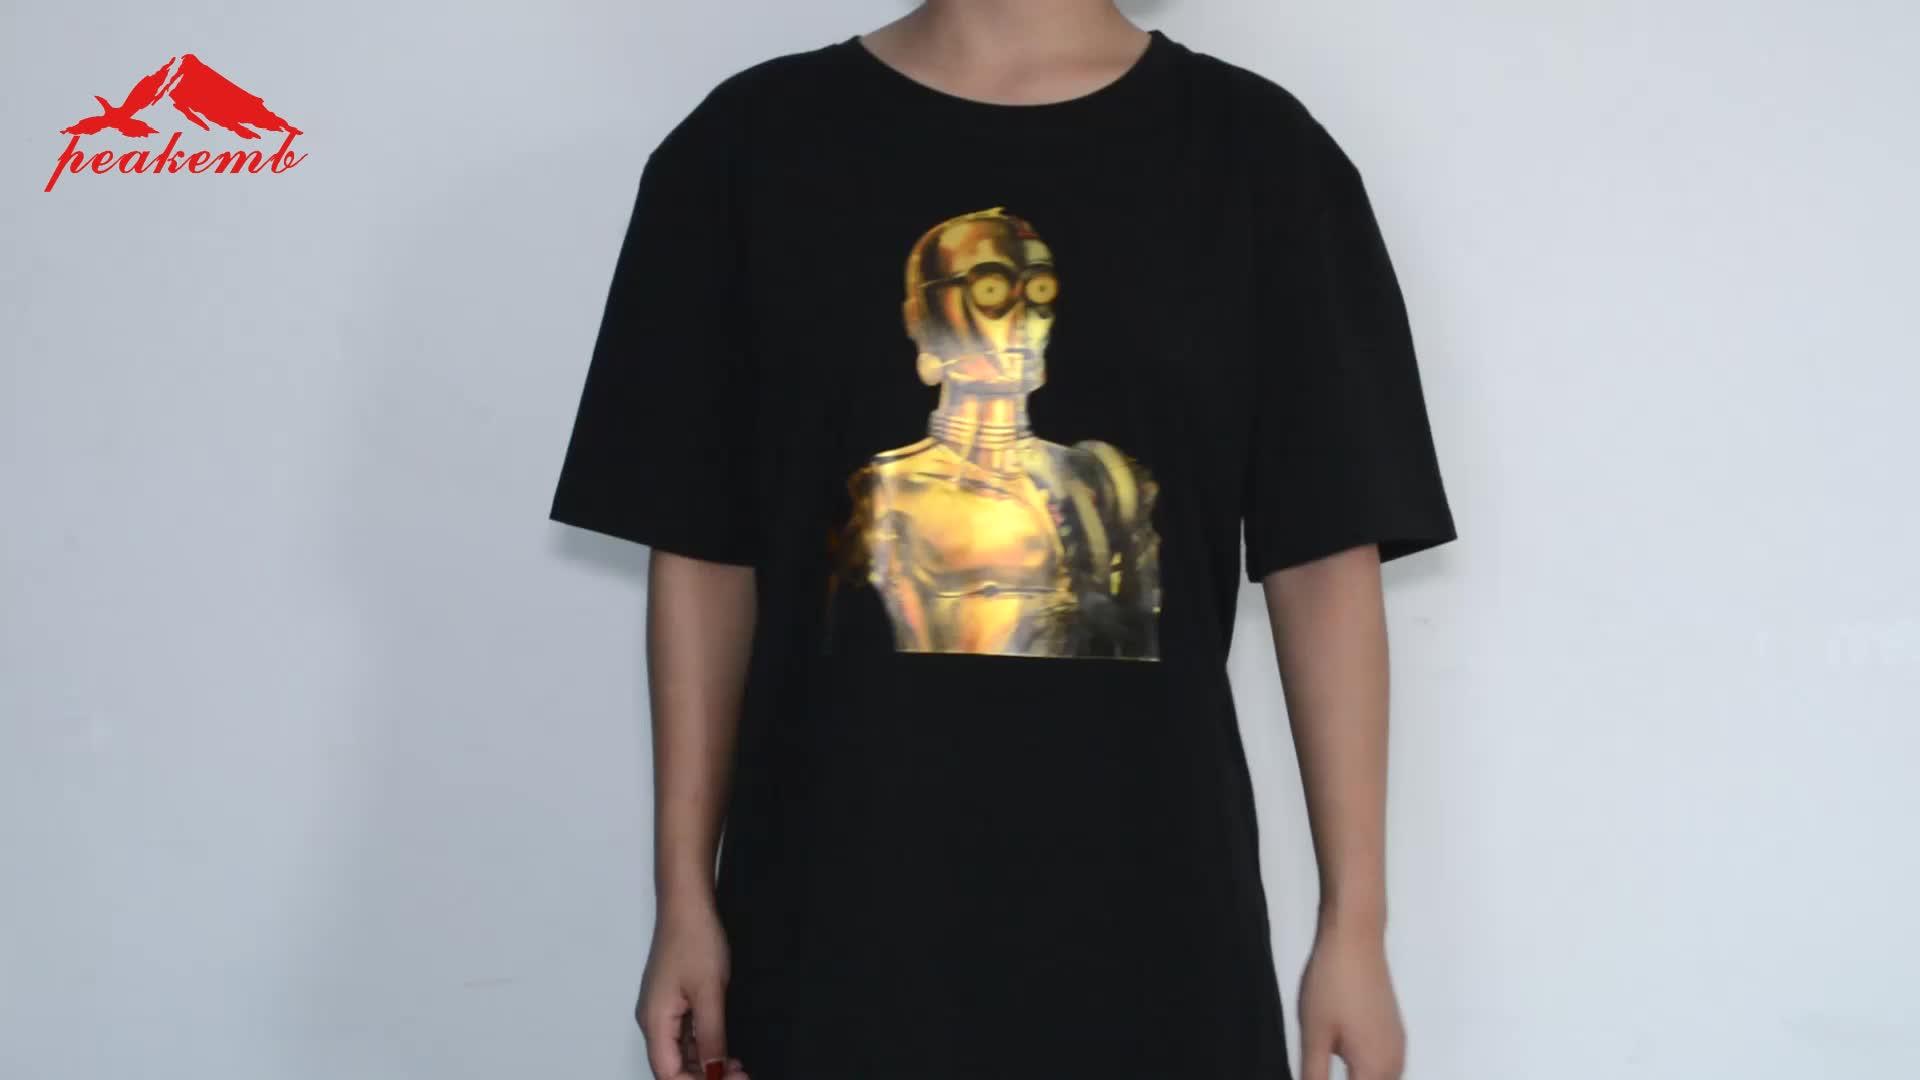 Personalizado de impresión de la camiseta de Famu serpientes afro brillo vinilo de transferencia de calor hojas